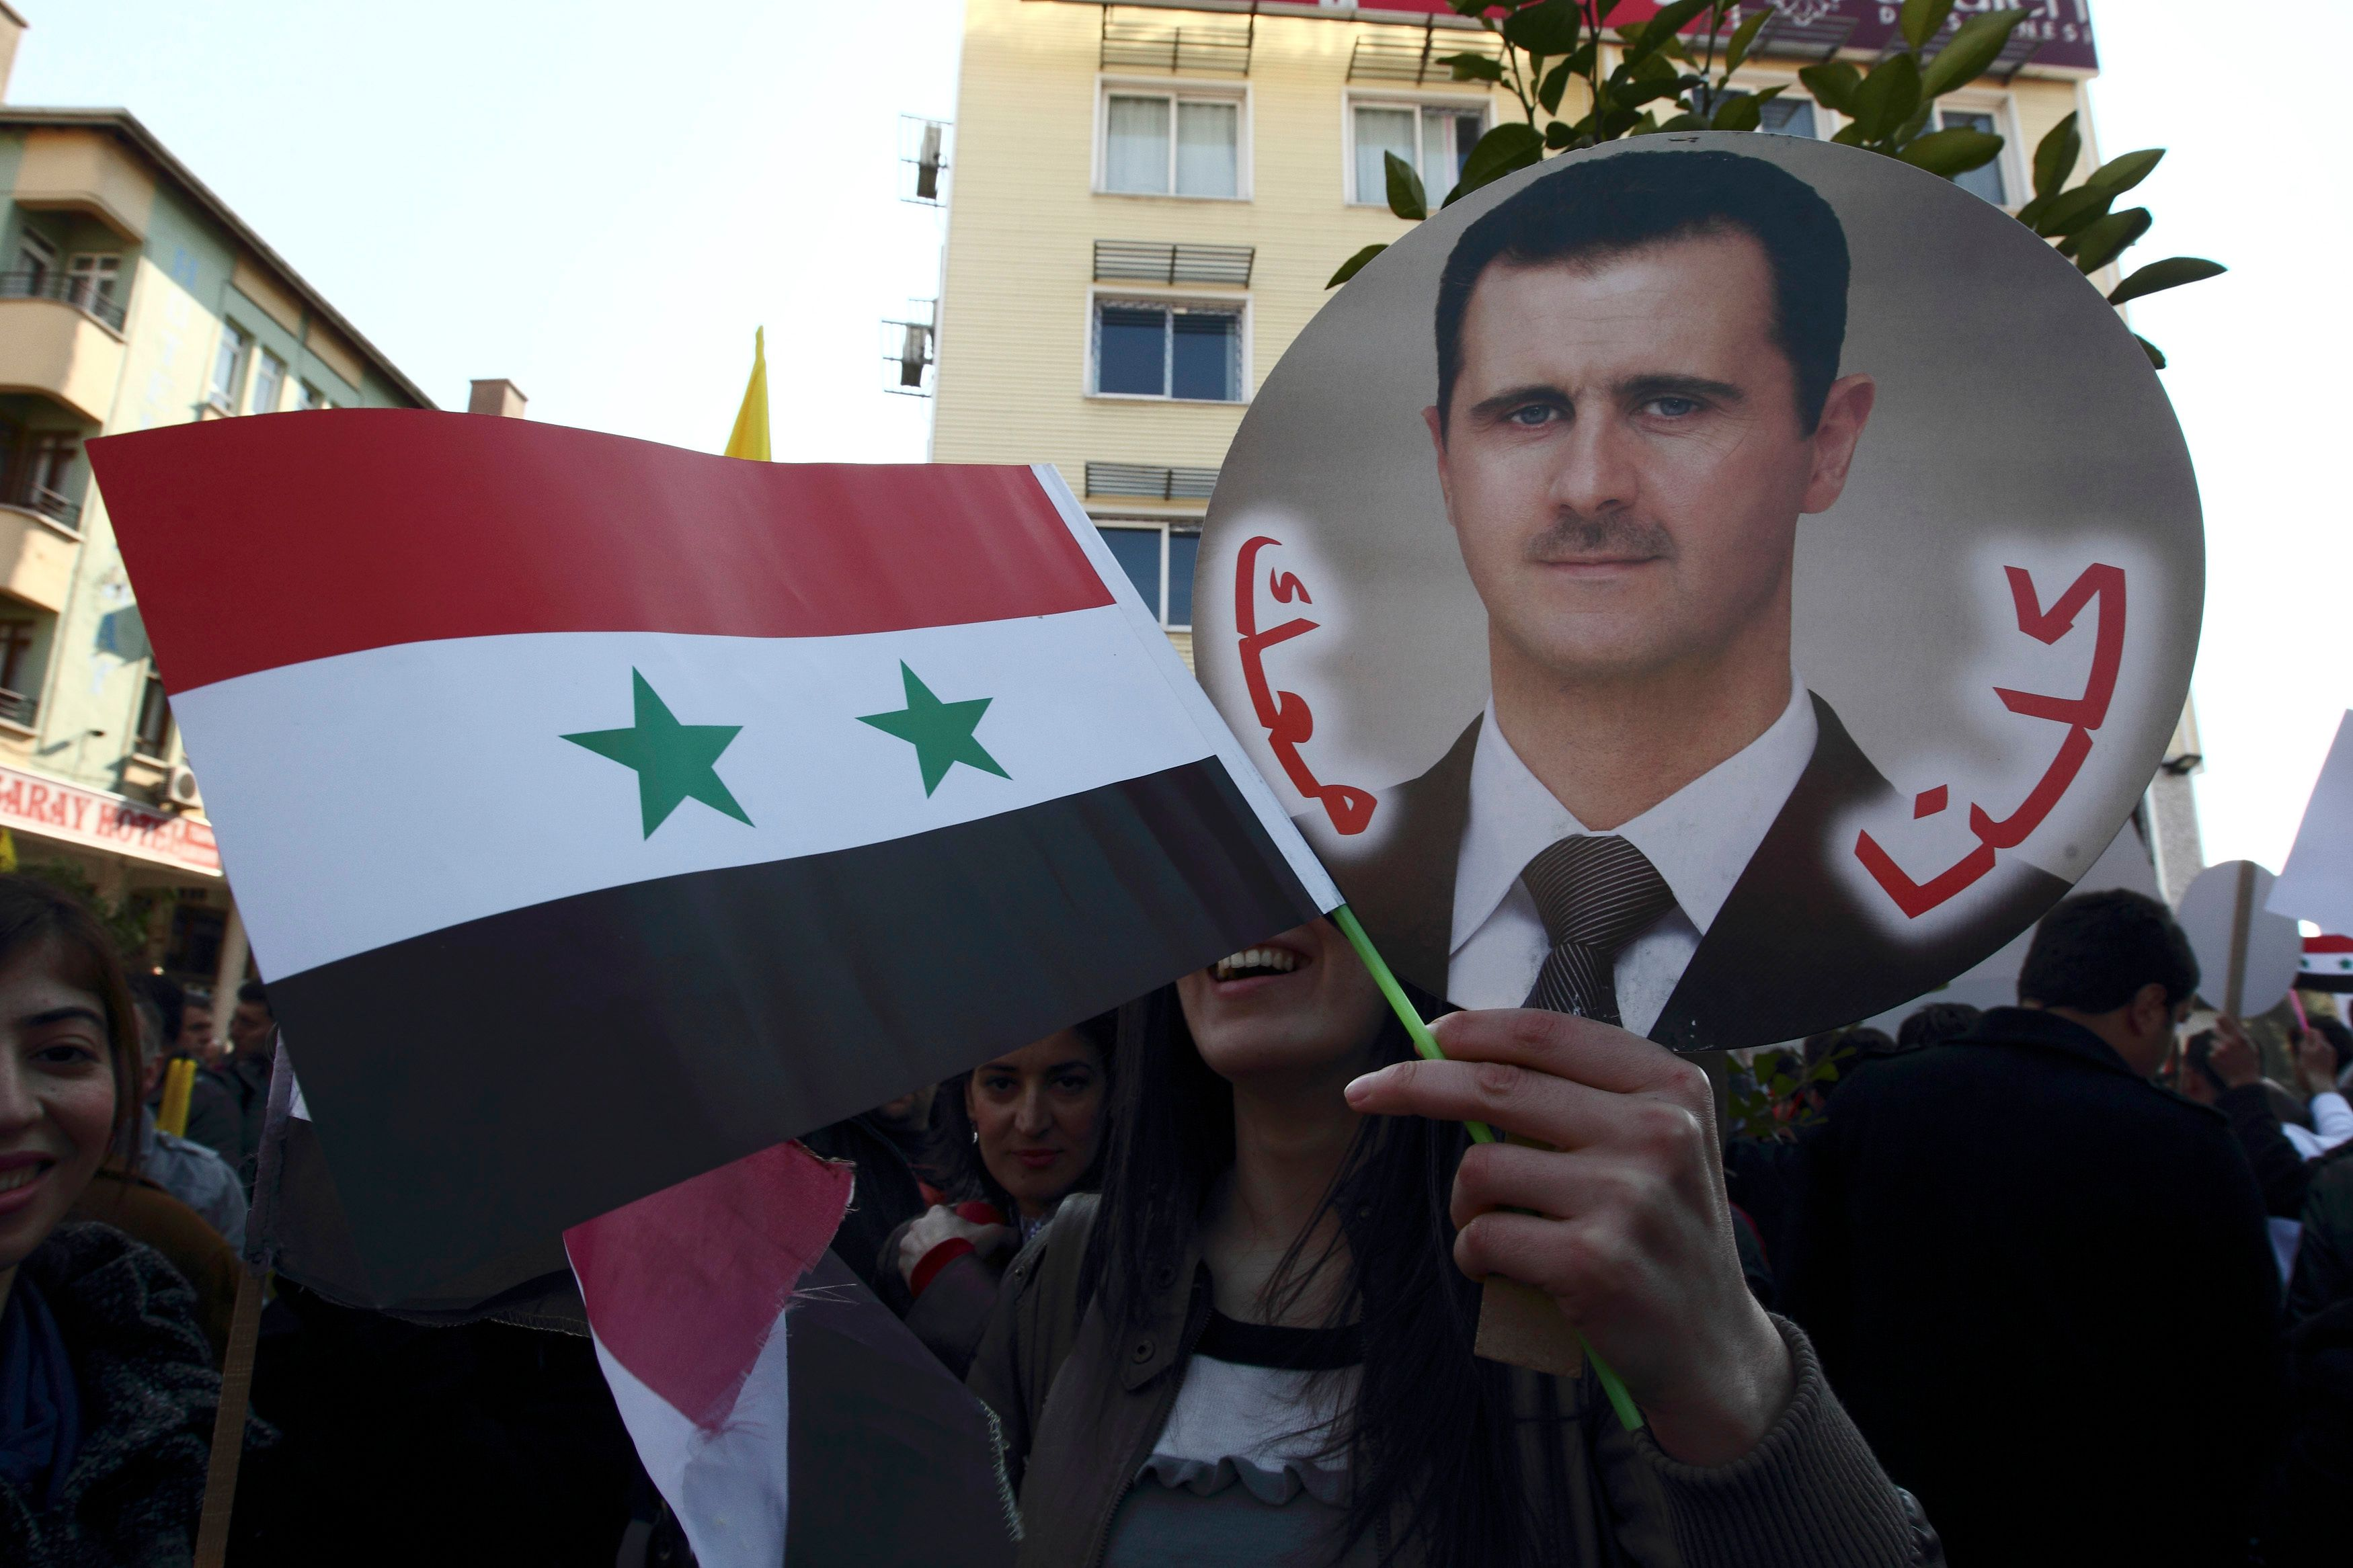 Bachar el-Assad en pleine reconquête du territoire syrien : une progression en trompe l'oeil mais une épine dans le pied de l'opposition